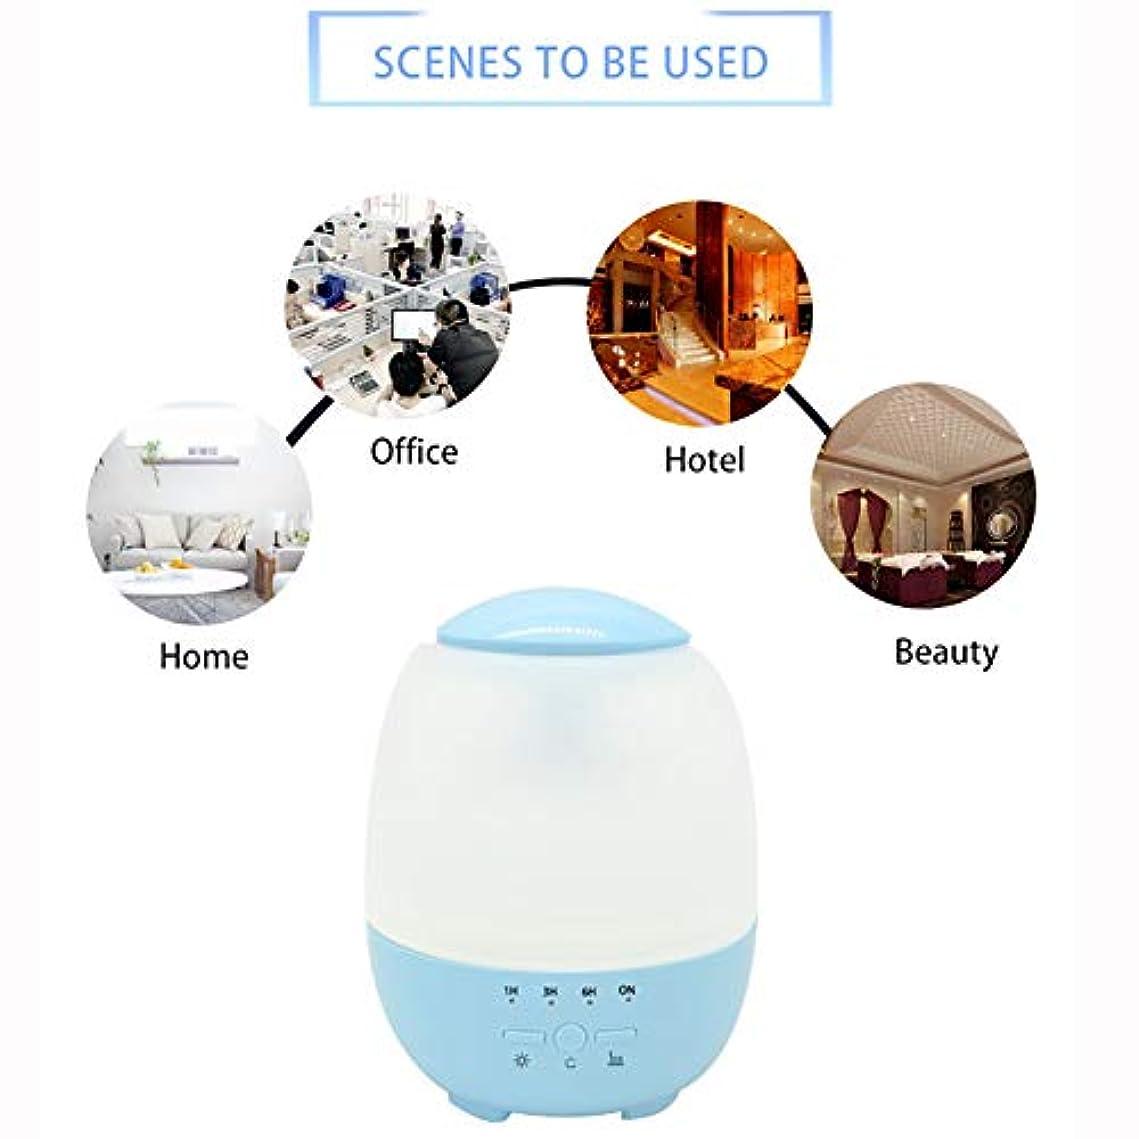 メルボルンレルム酔ってエッセンシャルオイルディフューザーと加湿器、ミストエッセンシャルオイルアロマ加湿器用の超音波アロマディフューザー、7色LEDライト,Blue